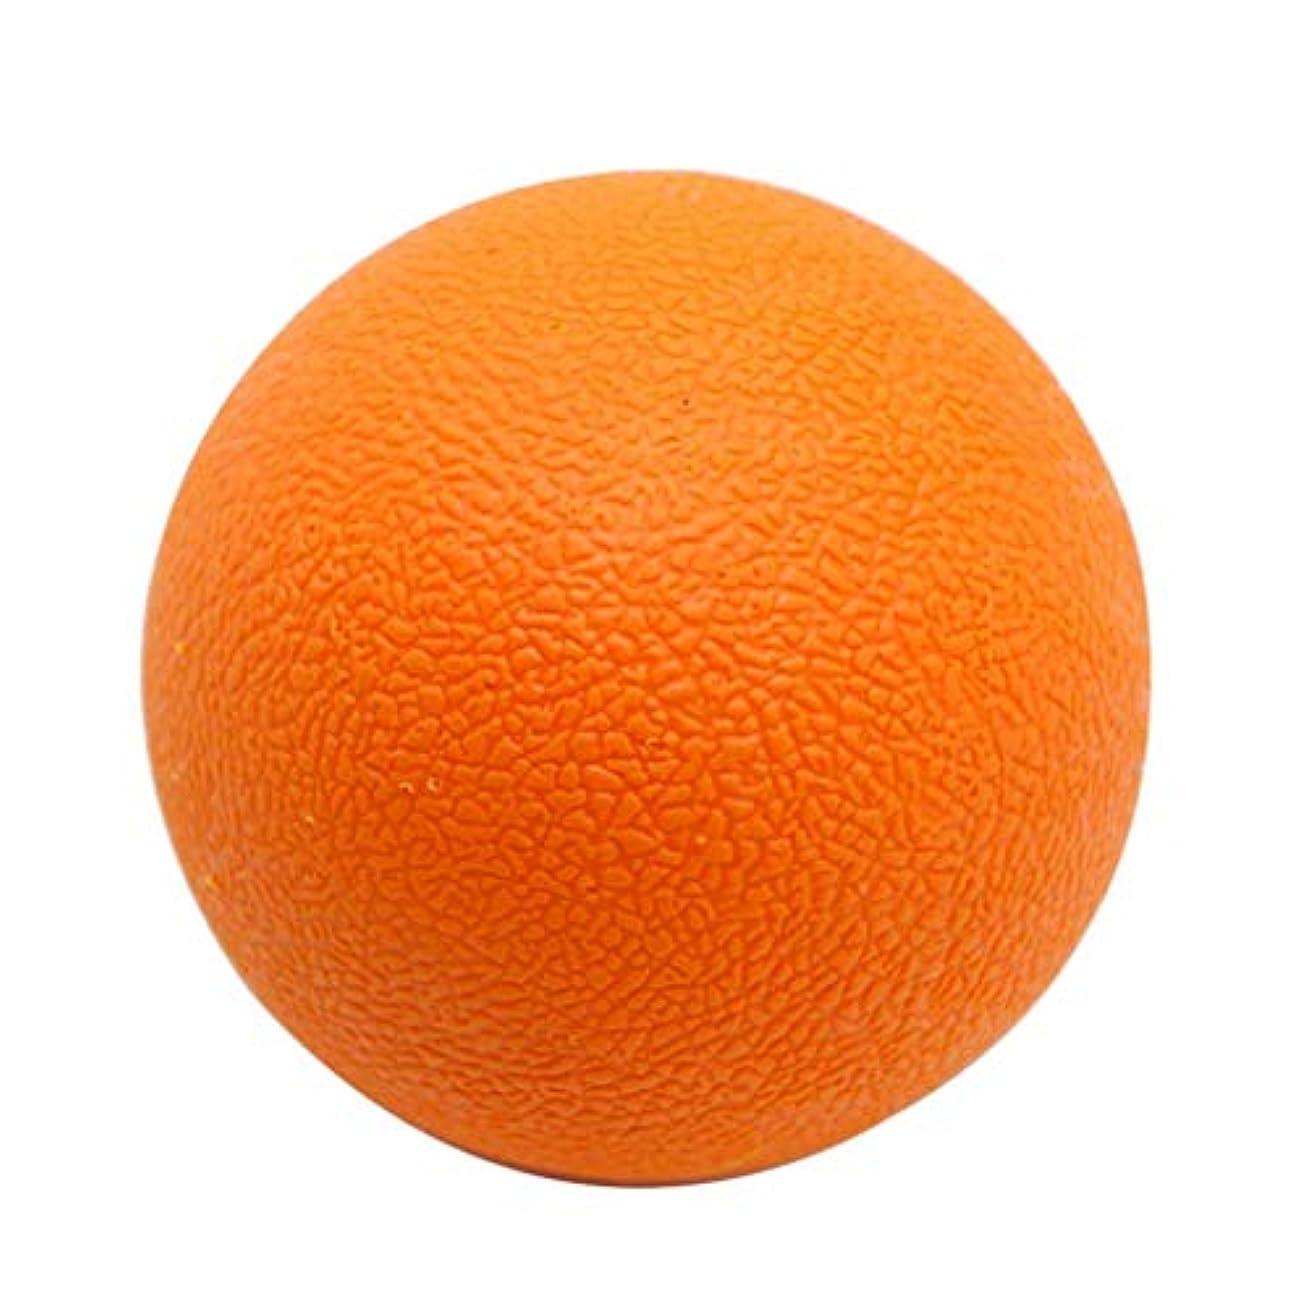 フック雰囲気下線マッサージボール TPE トリガーポイント 筋膜リリース ツボ押しグッズ 足、腕、首、背中 オレンジ